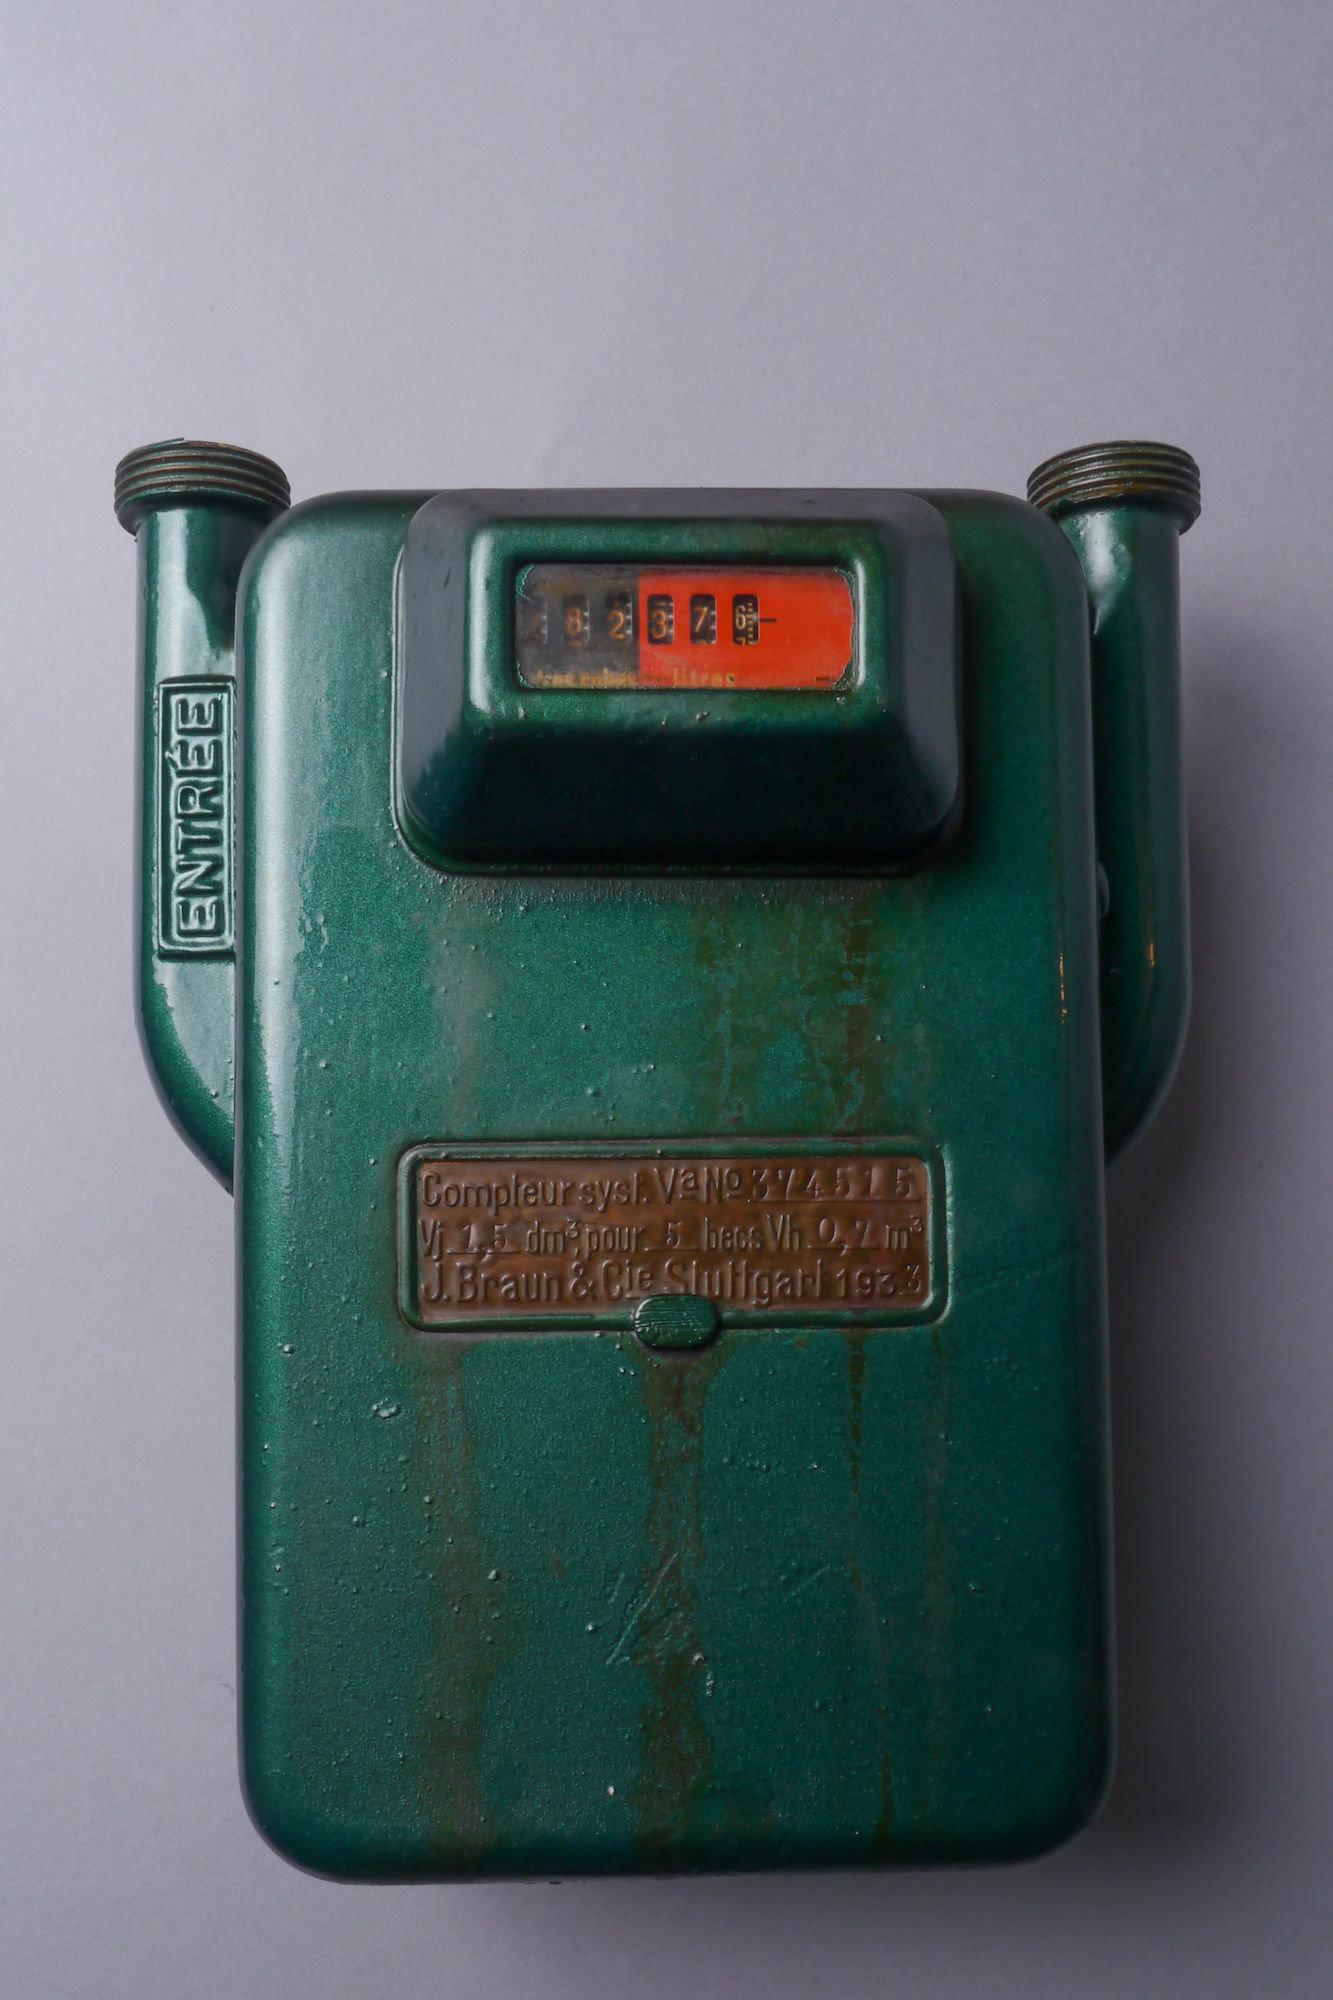 Verbruiksmeter voor gas van het merk Braun